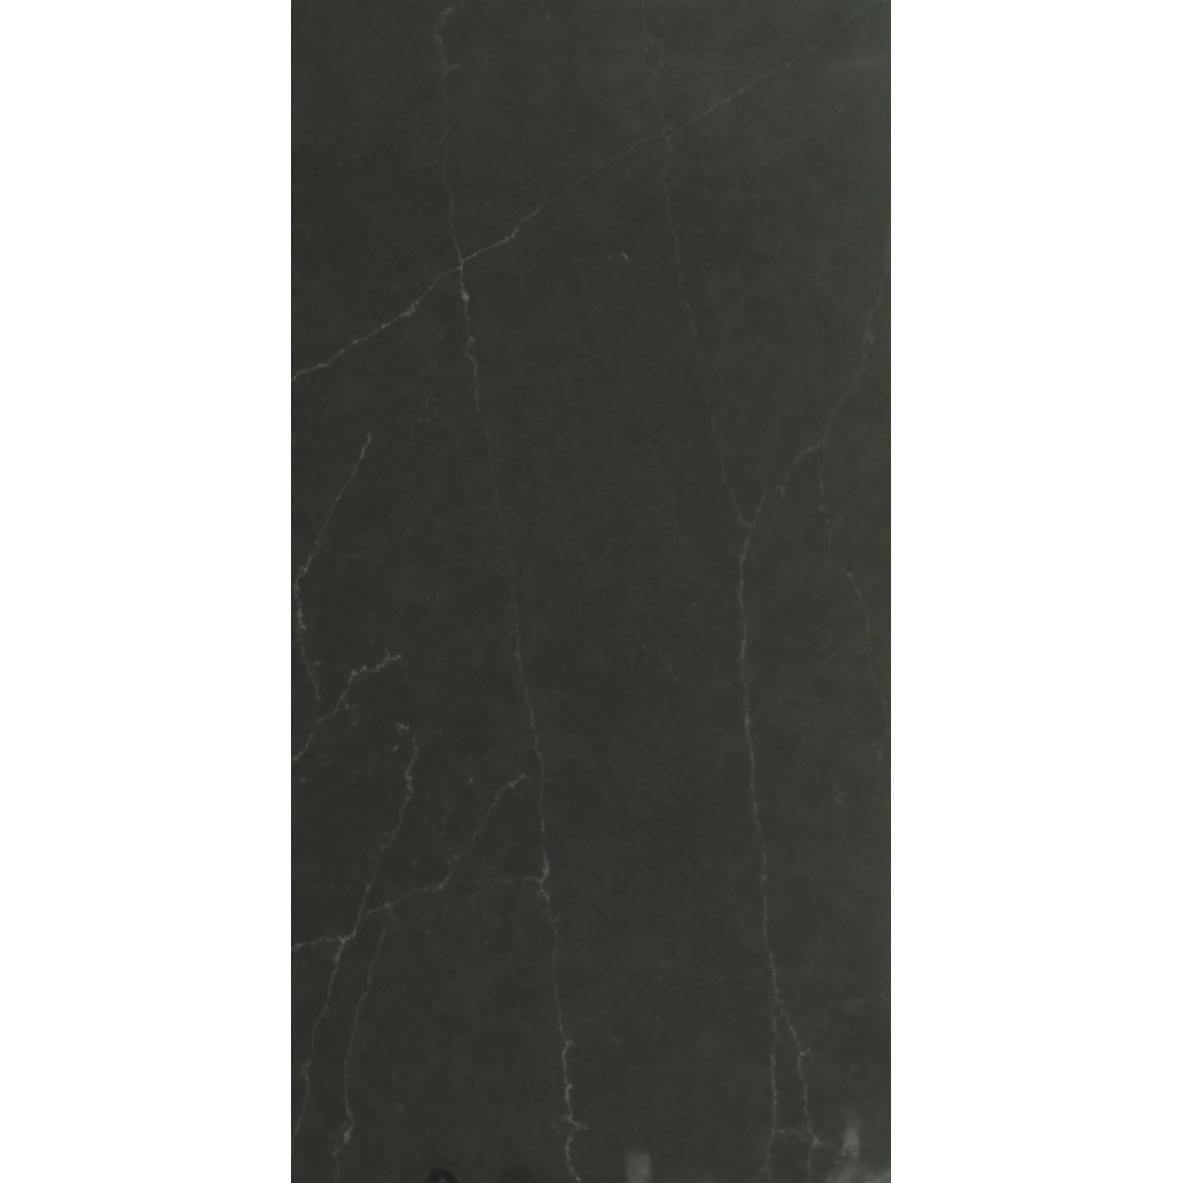 Image for Difiniti 20278-1: Grafite